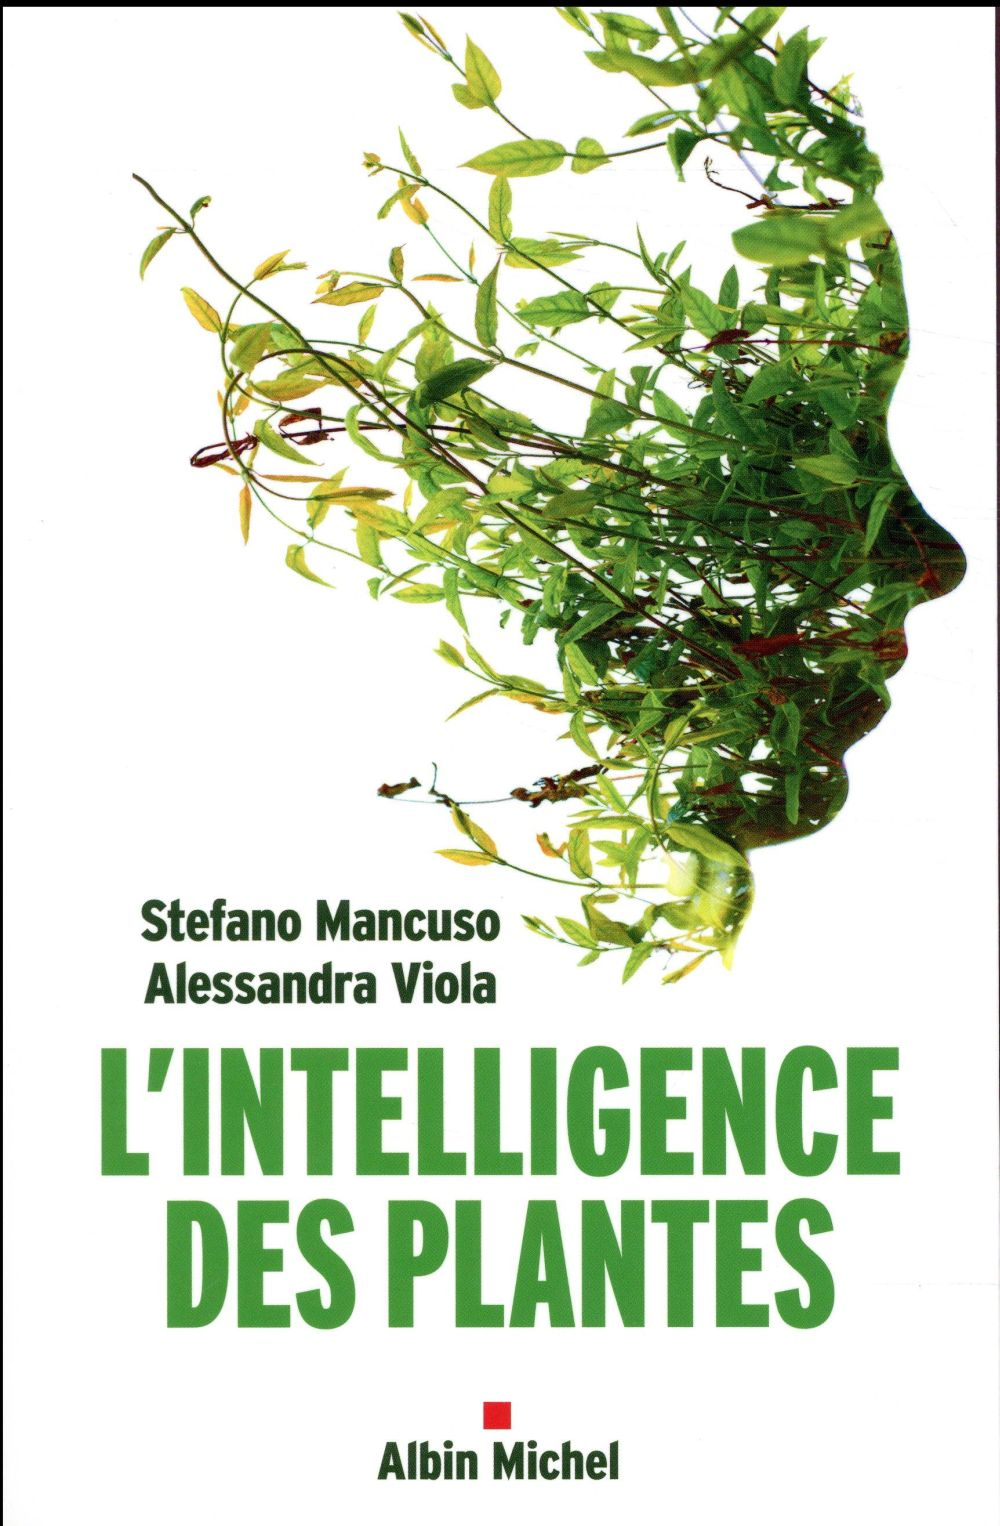 L'INTELLIGENCE DES PLANTES - SENSIBILITE ET COMMUNICATION DANS LE MONDE VEGETAL